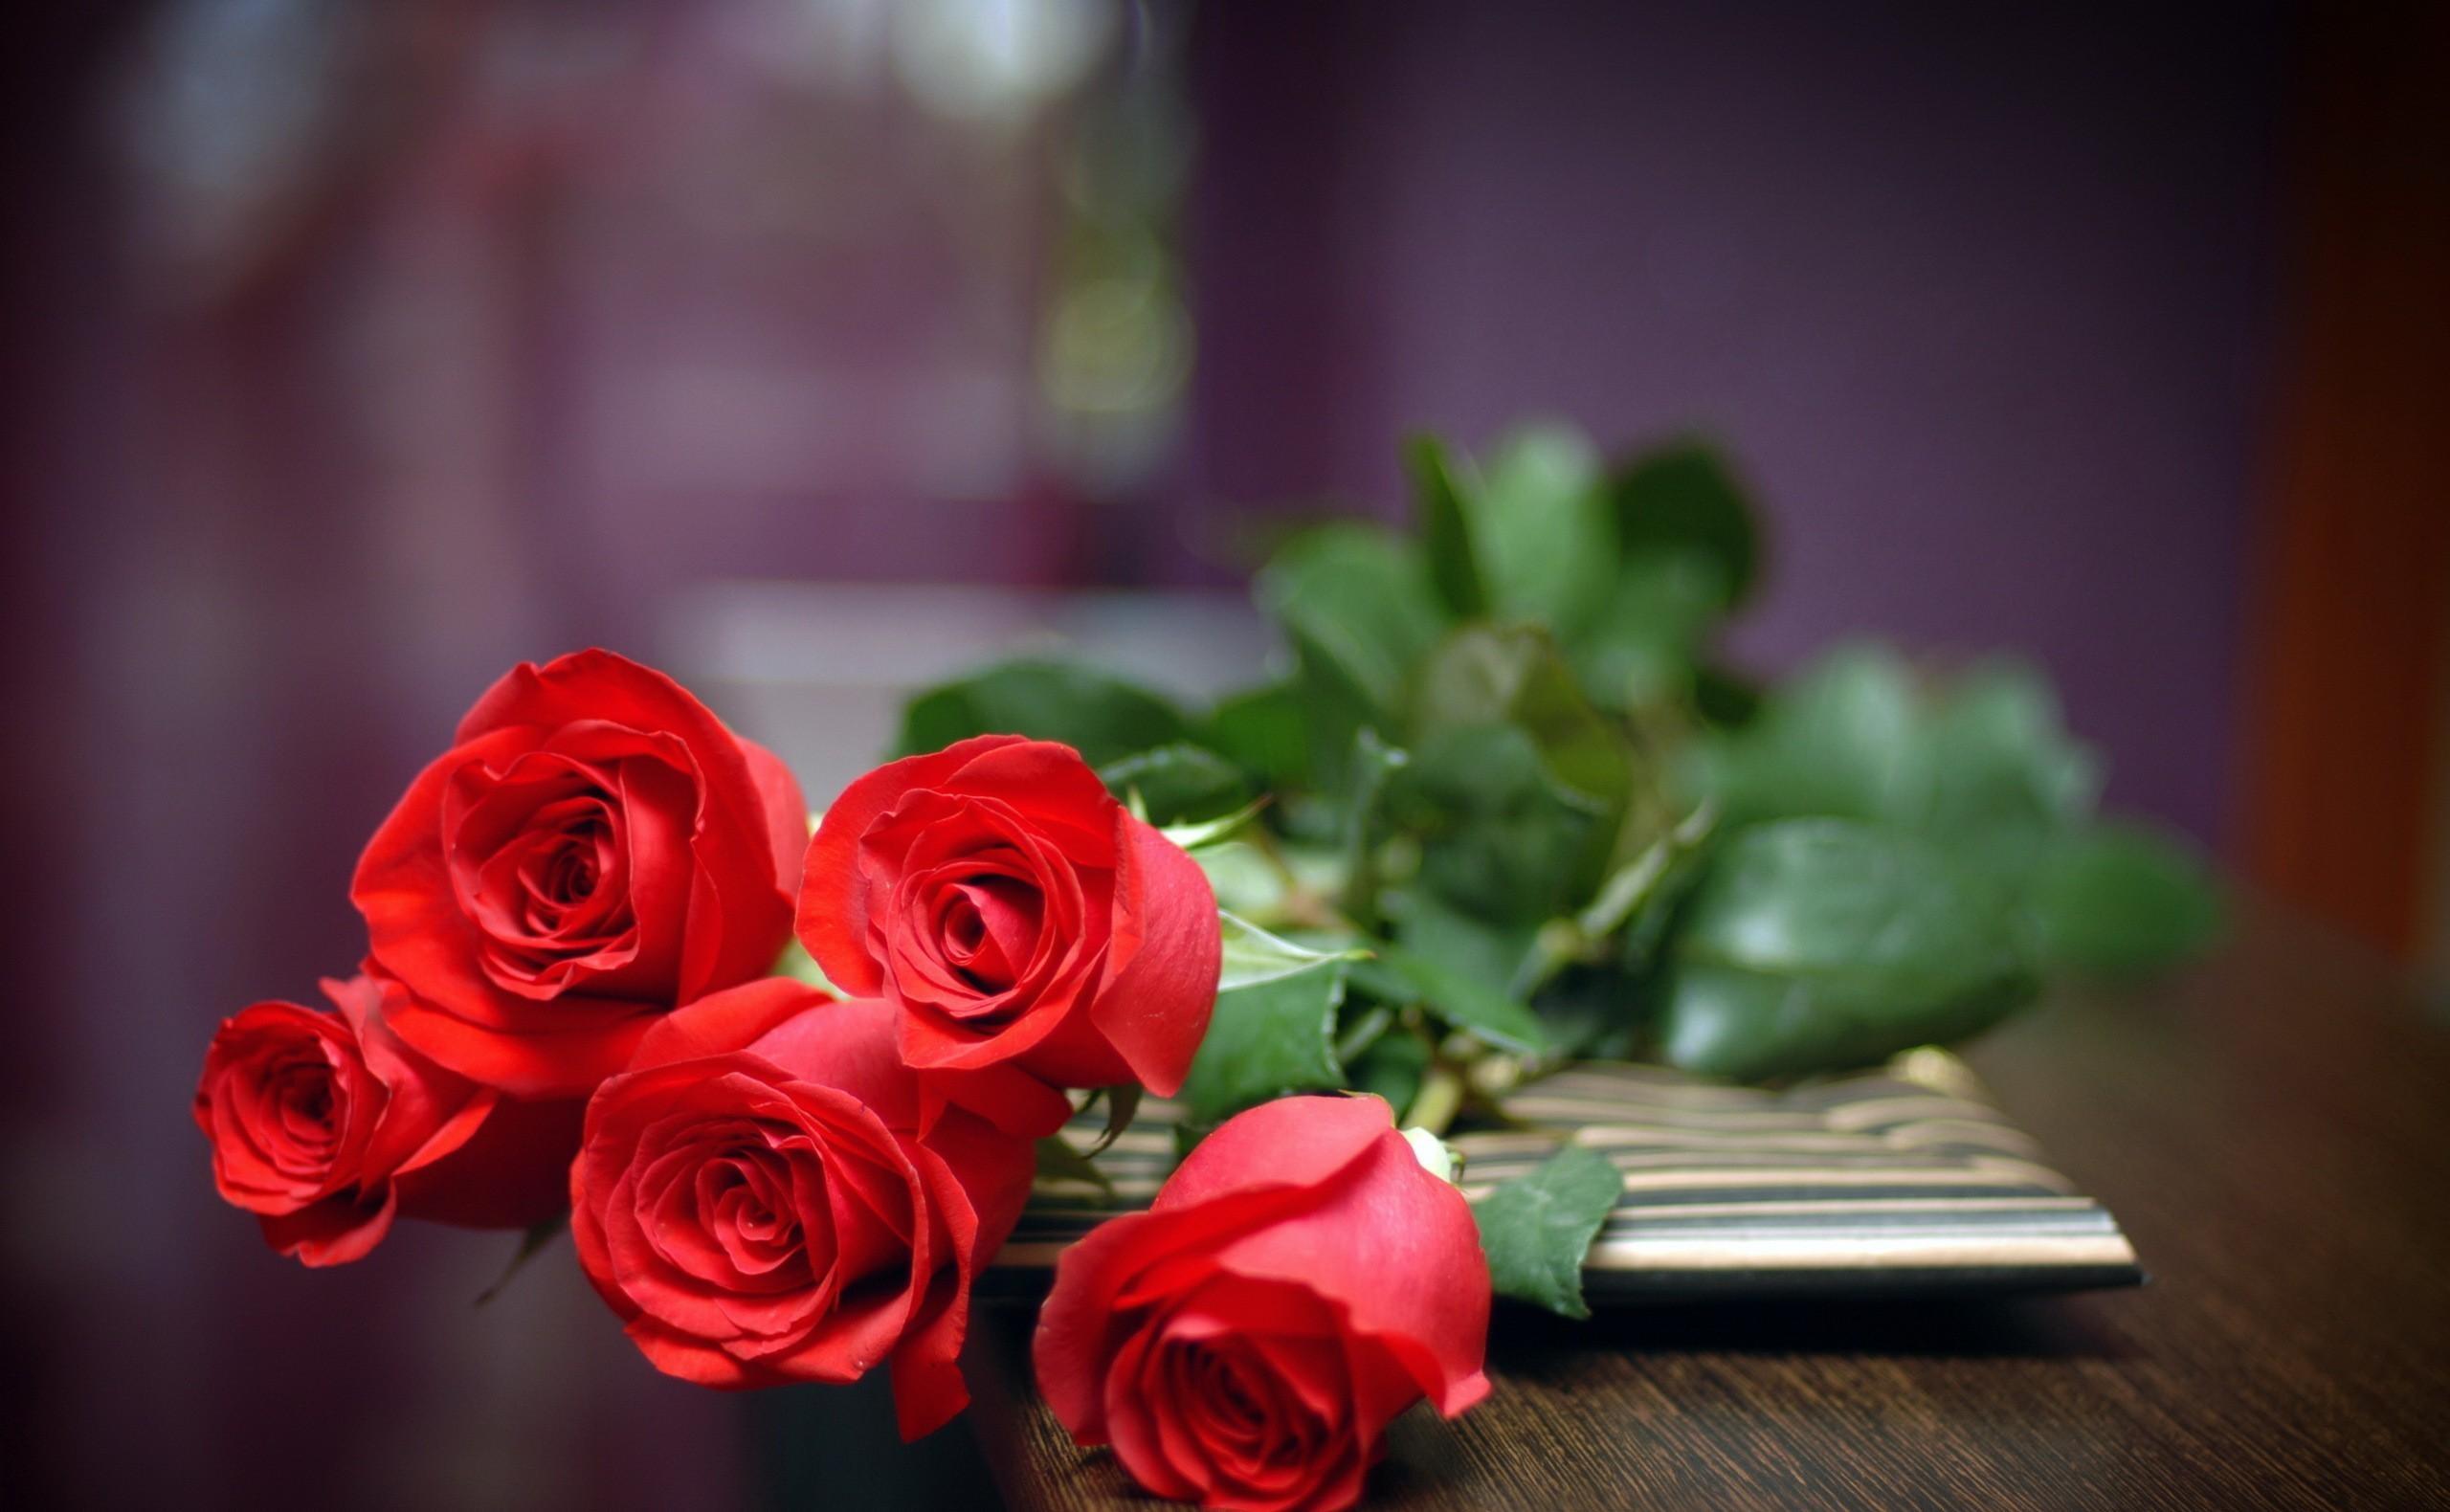 94598 скачать Красные обои на телефон бесплатно, Розы, Цветы, Лежать, Букет Красные картинки и заставки на мобильный